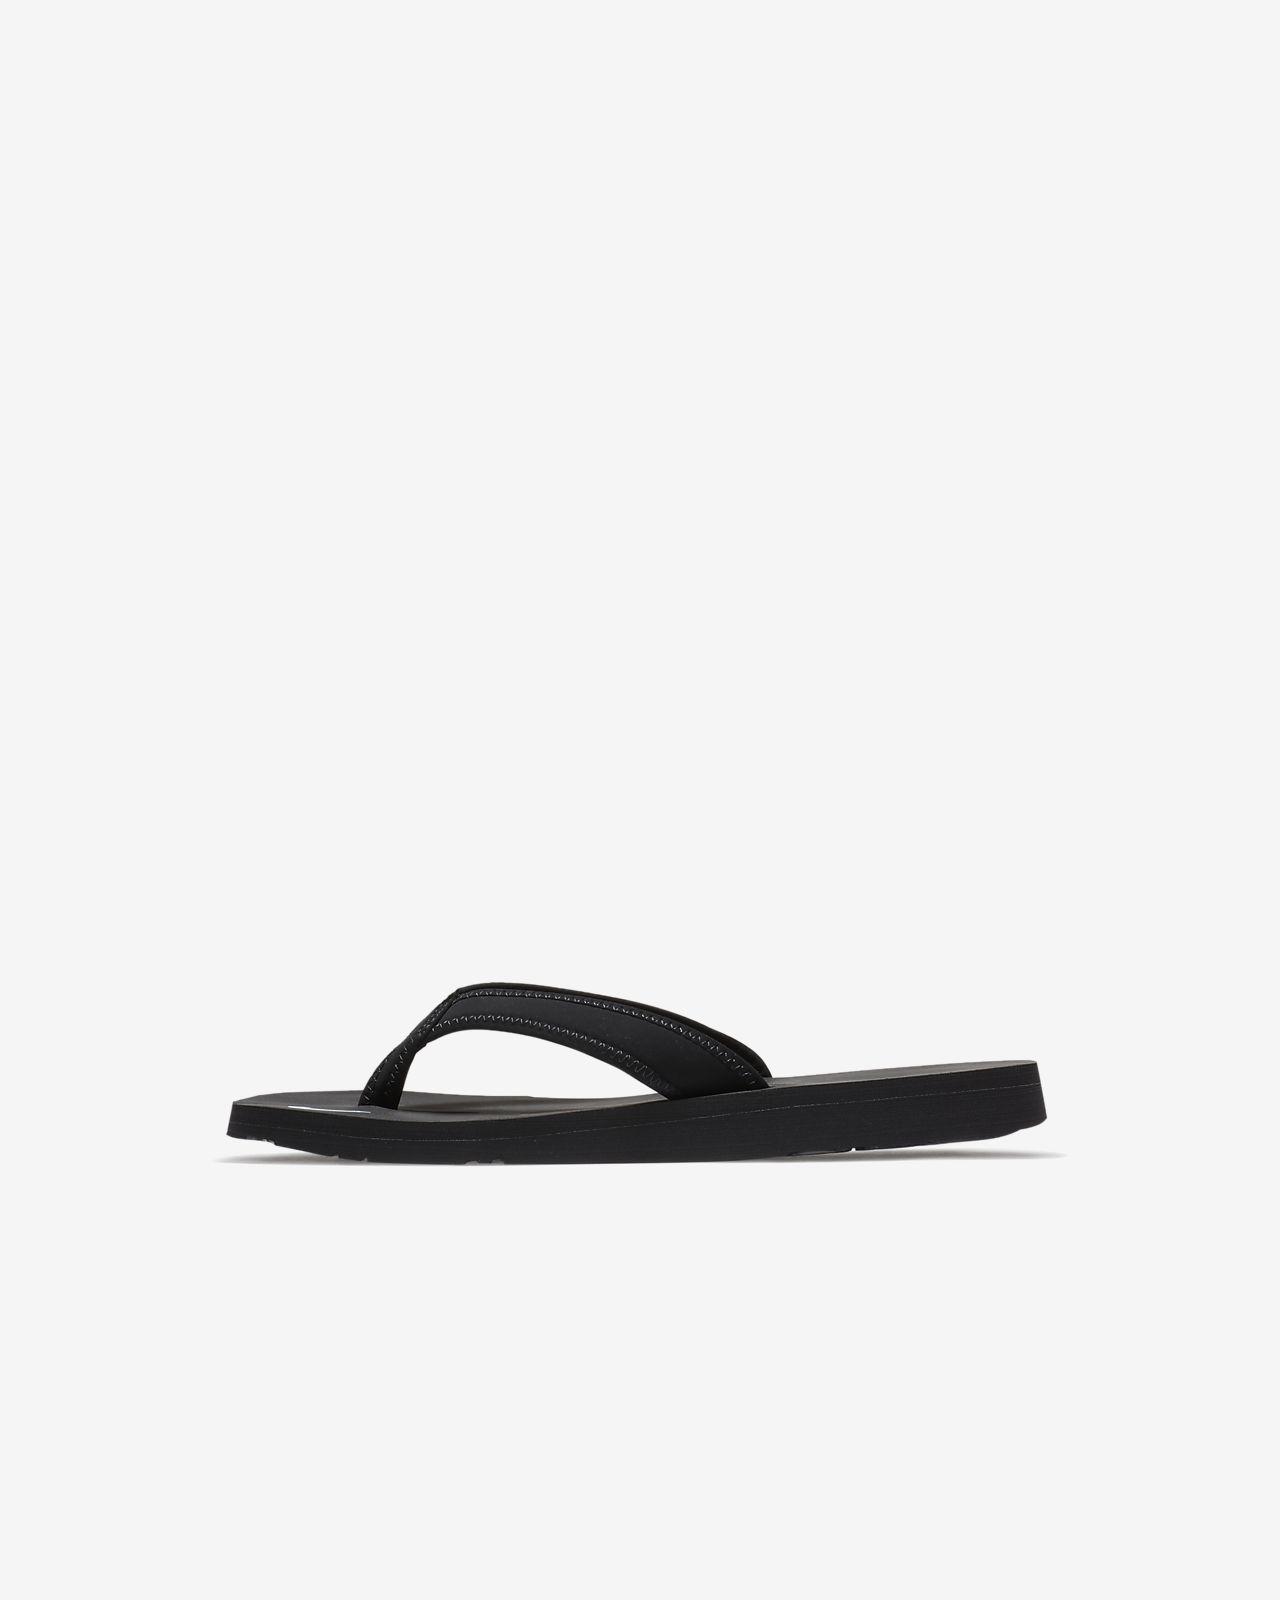 Nike Celso Girl Women's Flip Flop